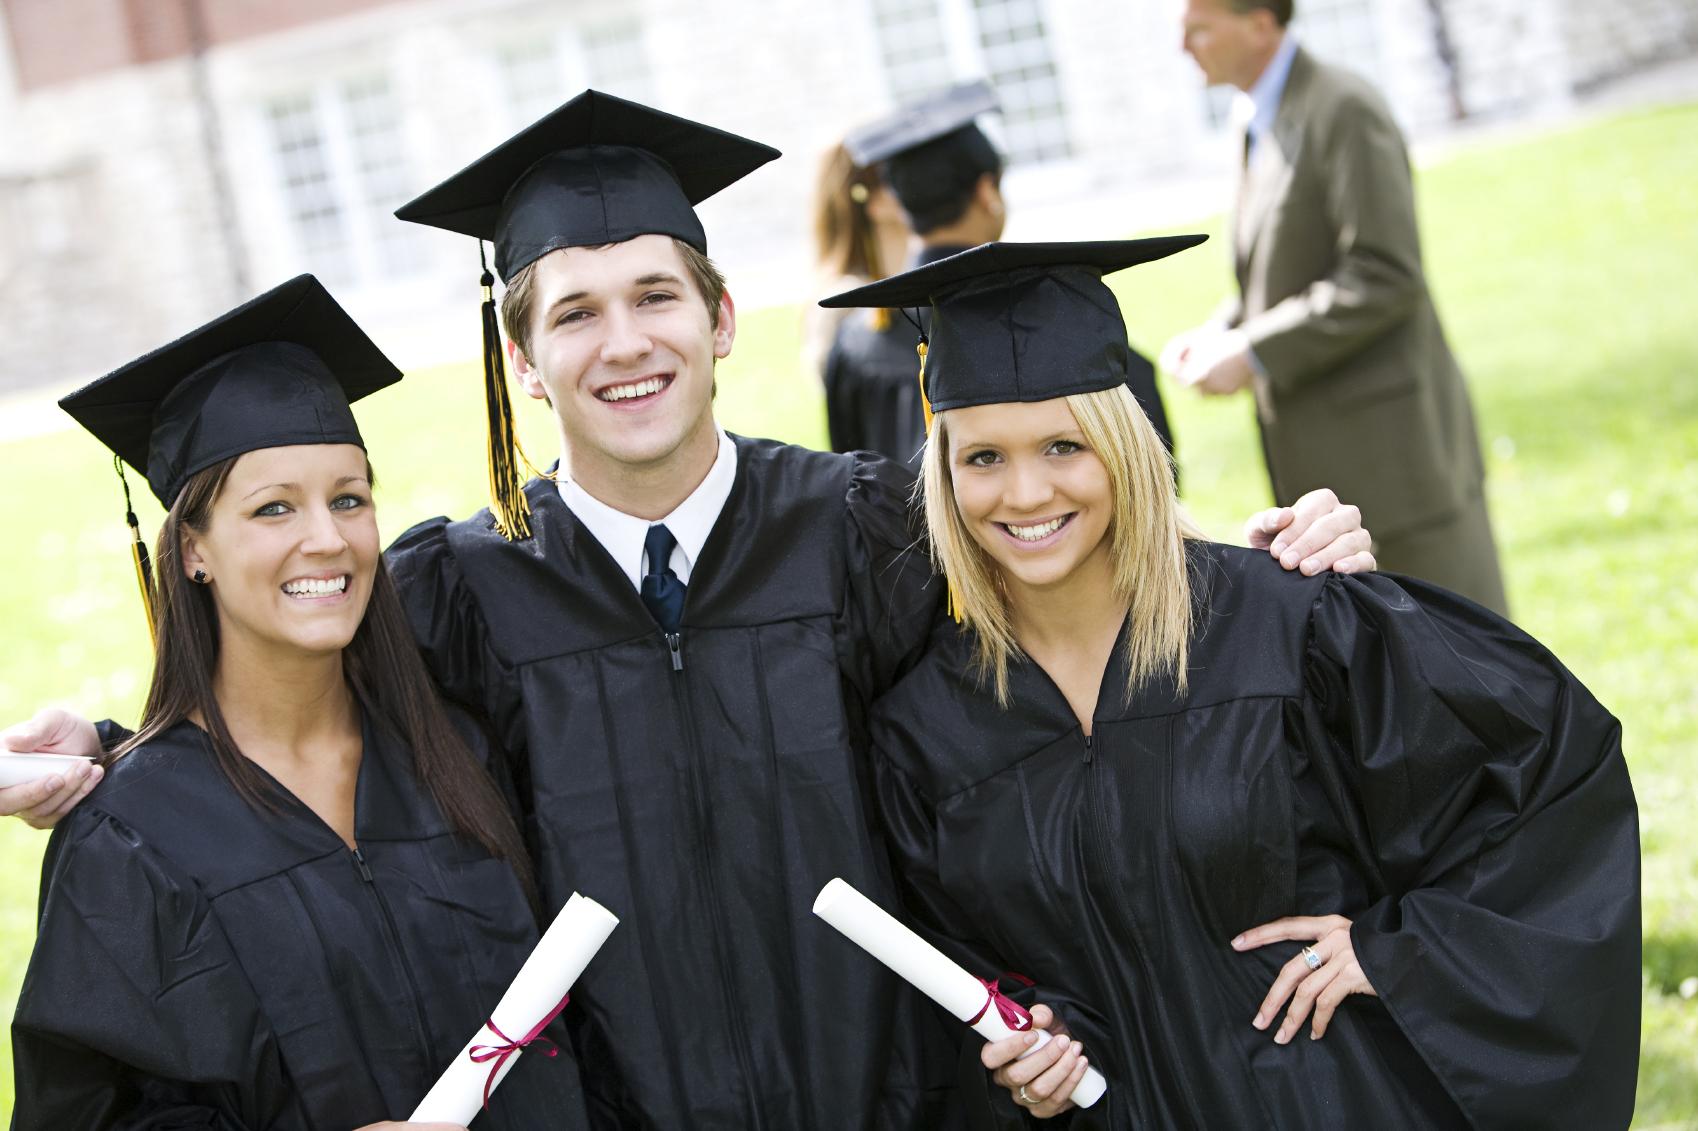 Mục đích du học, Mục đích du học của sinh viên và những điều sinh viên nên biết